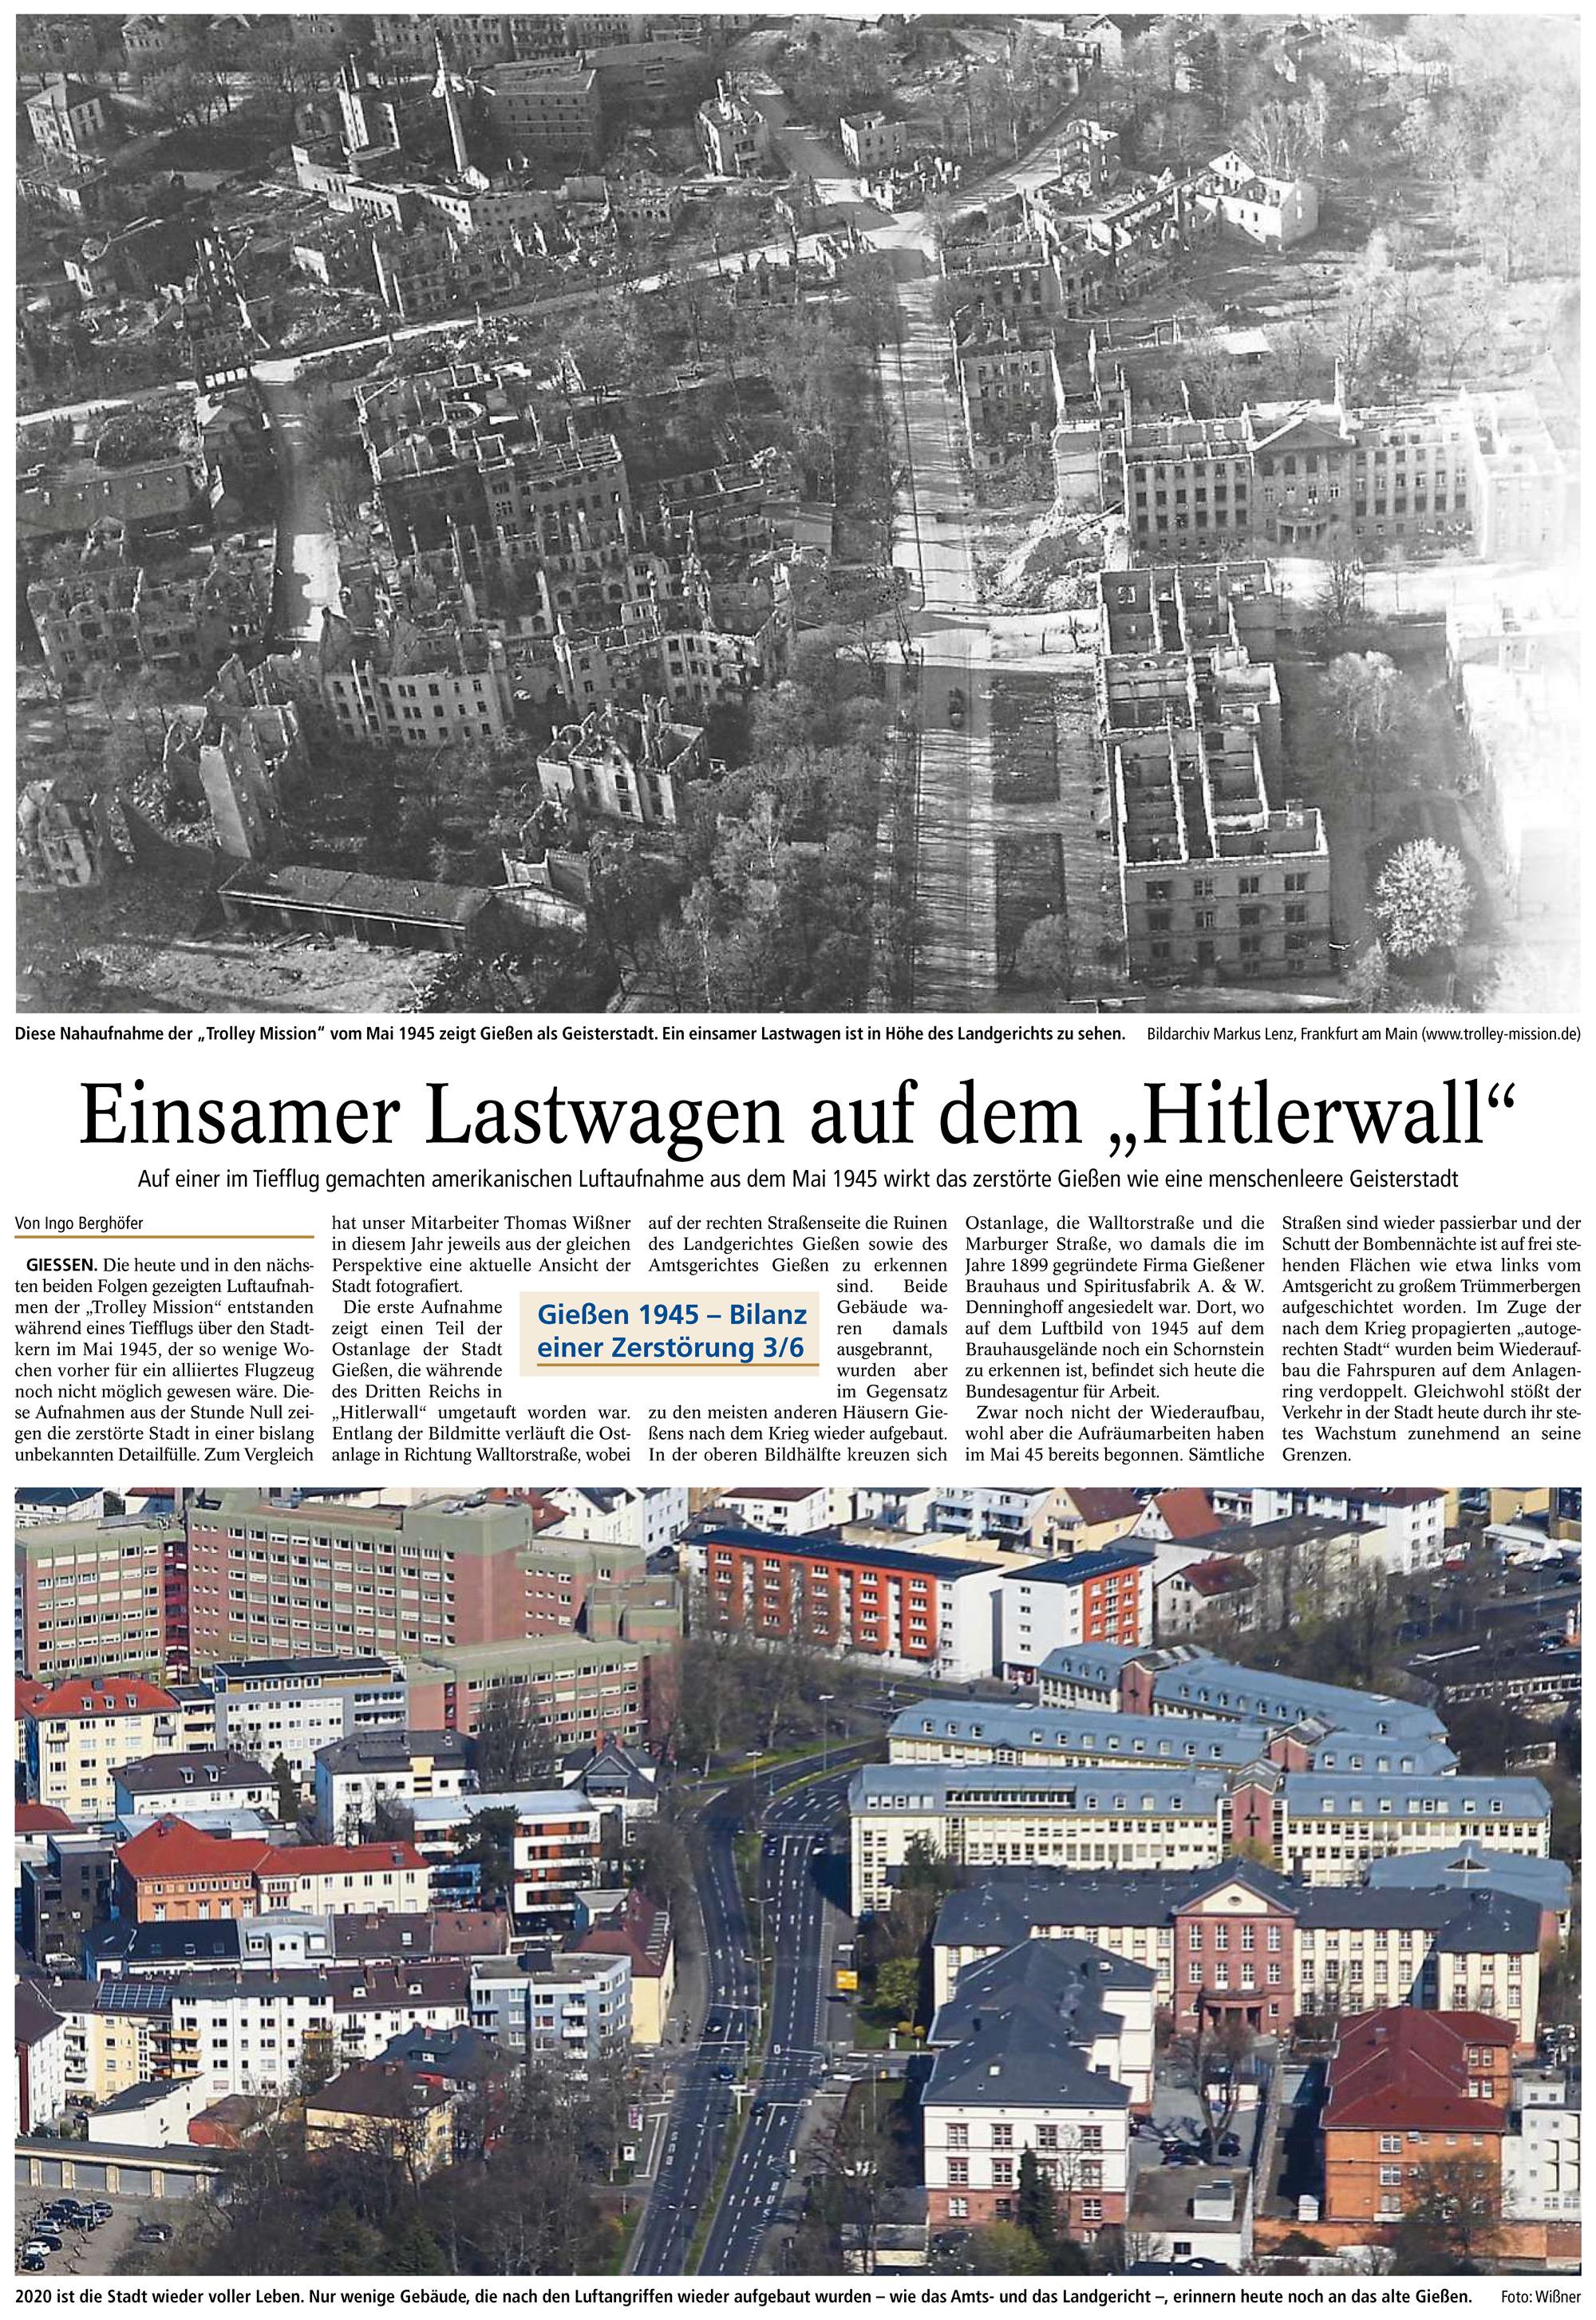 Gießener Anzeiger: Einsamer Lastwagen auf dem Hitlerwall - Zerstörtes Gießen als menschenleere Geisterstadt